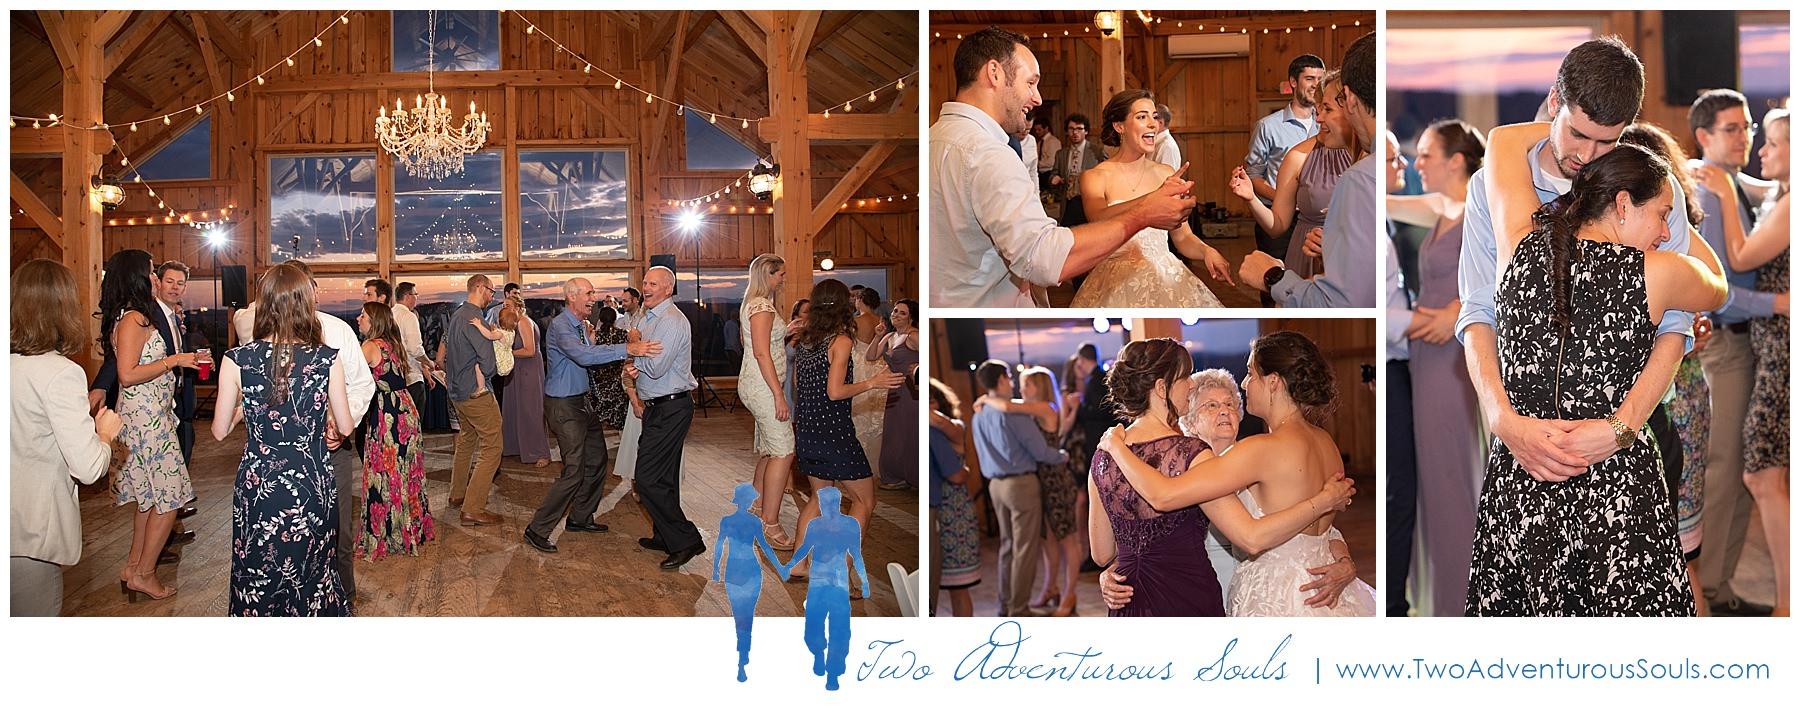 Maine Wedding Photographers, Granite Ridge Estate Wedding Photographers, Two Adventurous Souls - 080319_0069.jpg